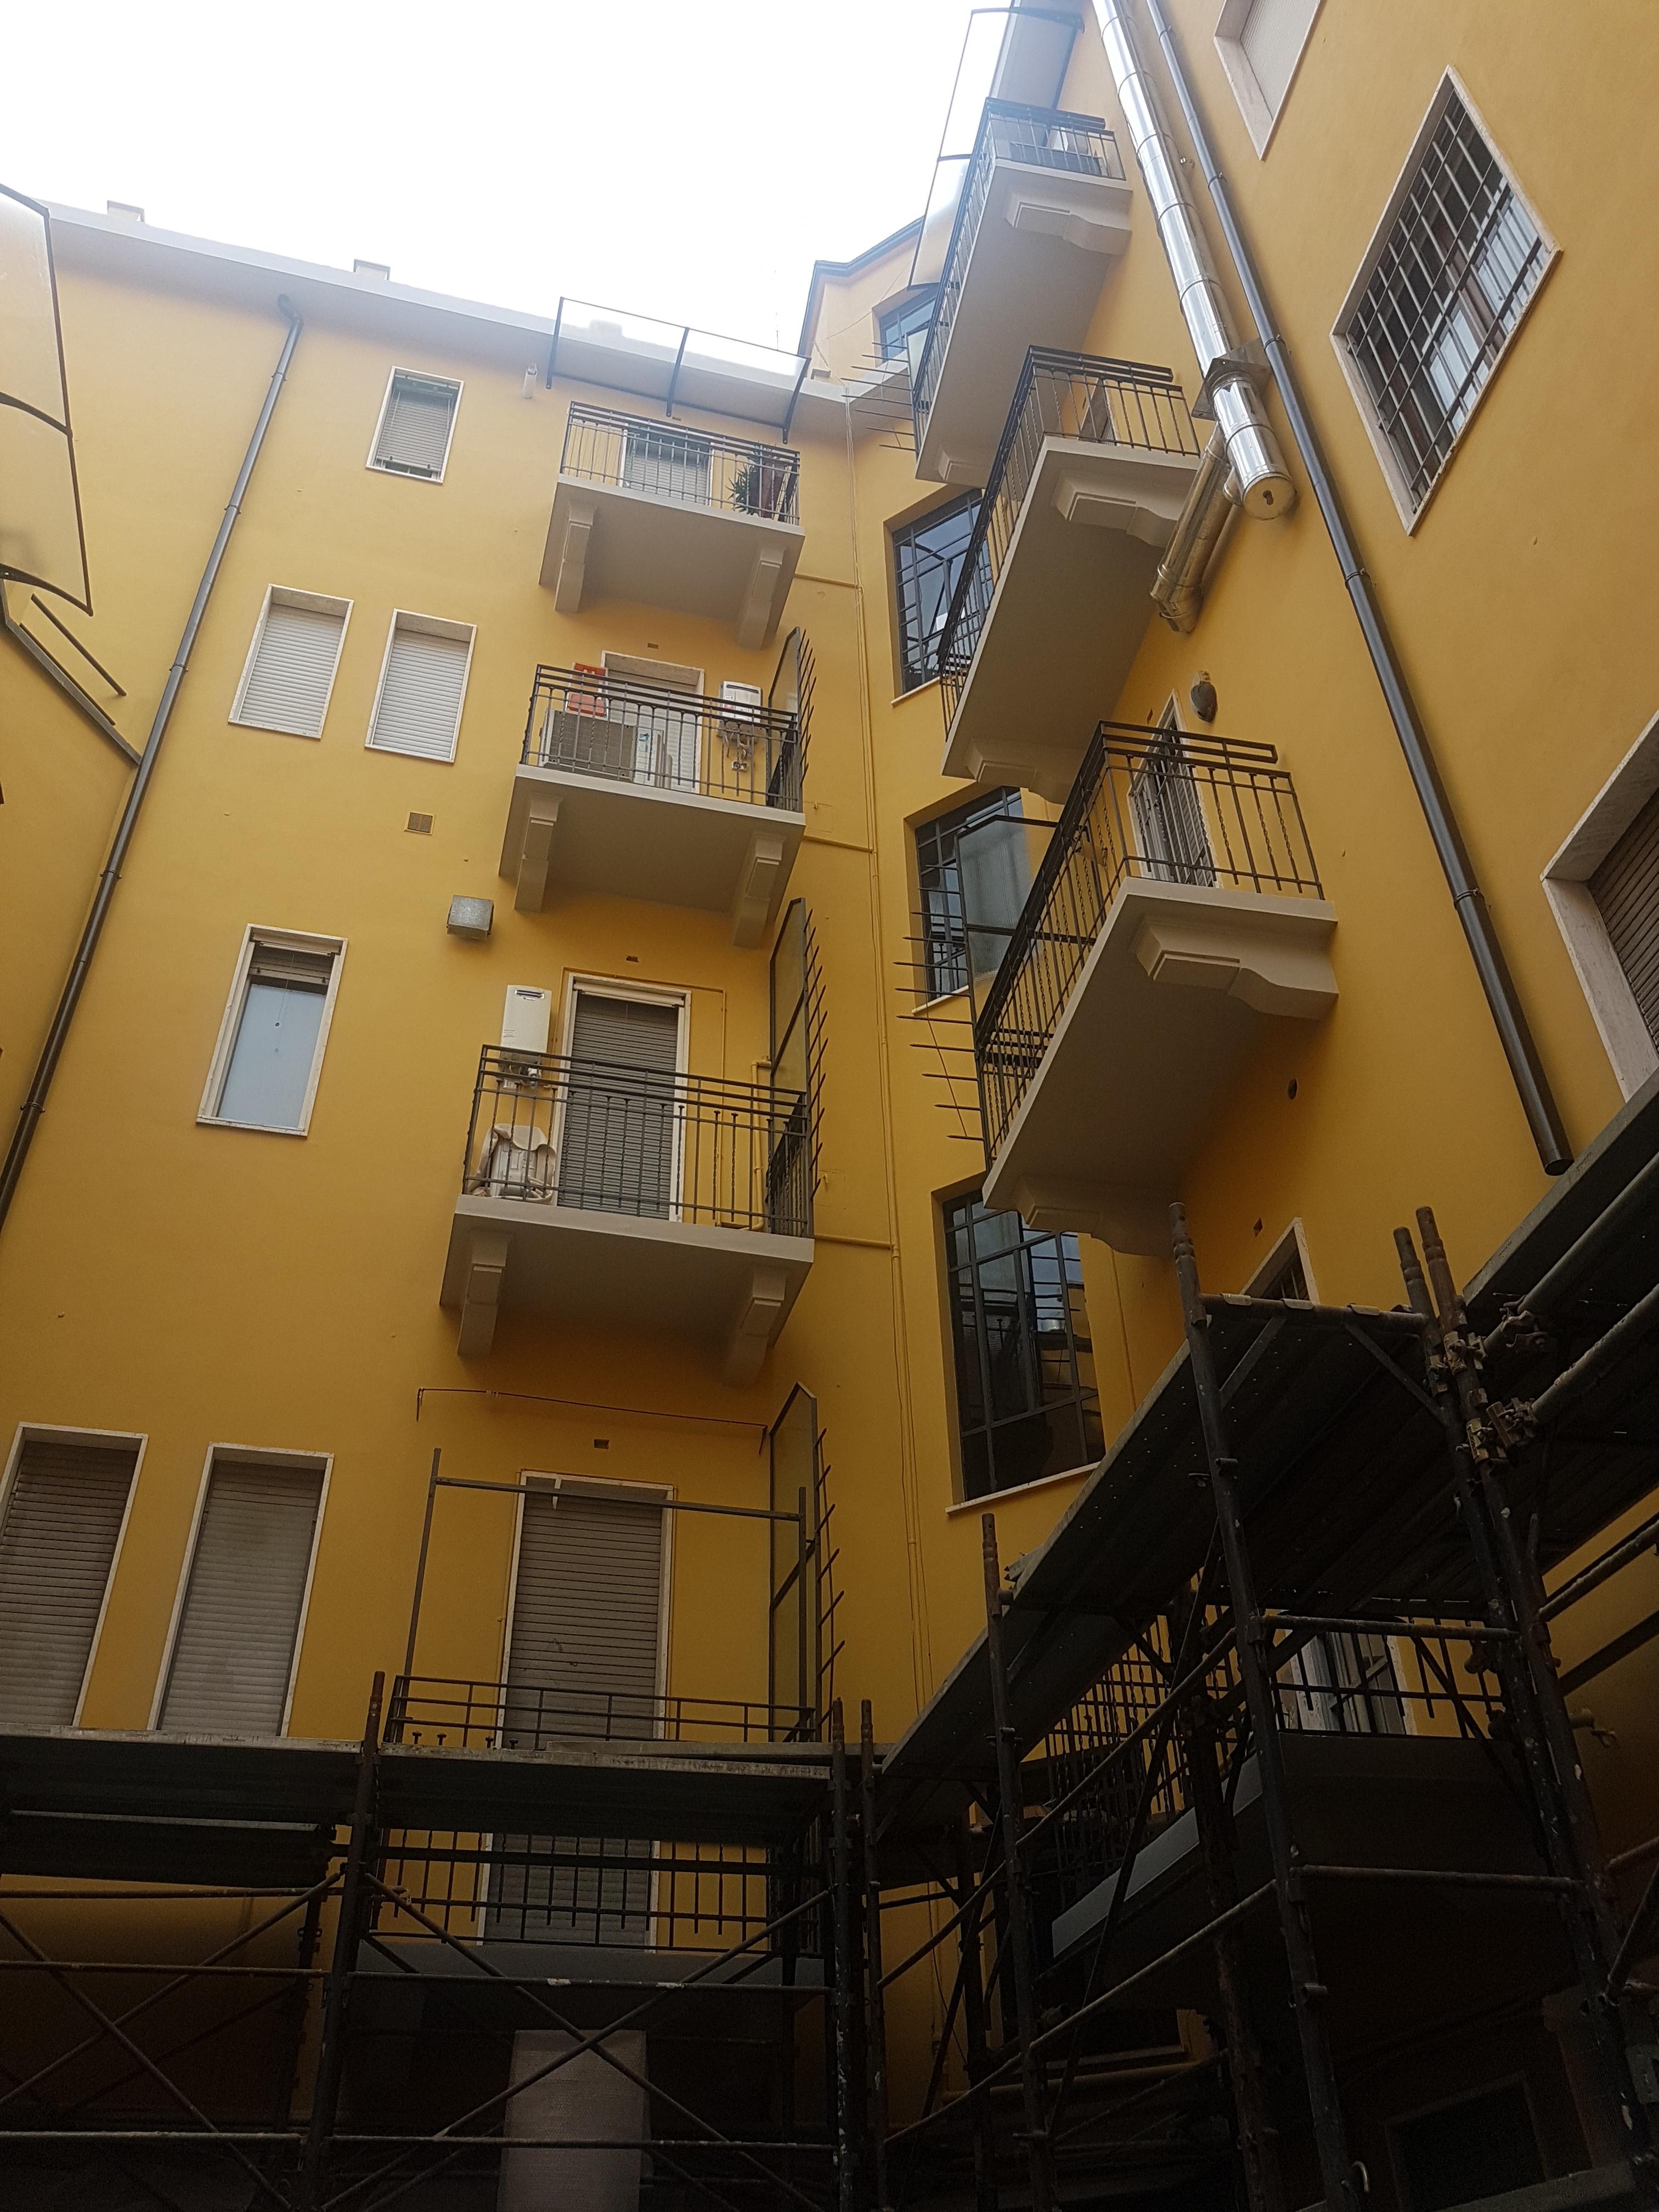 VIA PASQUALE SOTTOCORNO 3 - Milano